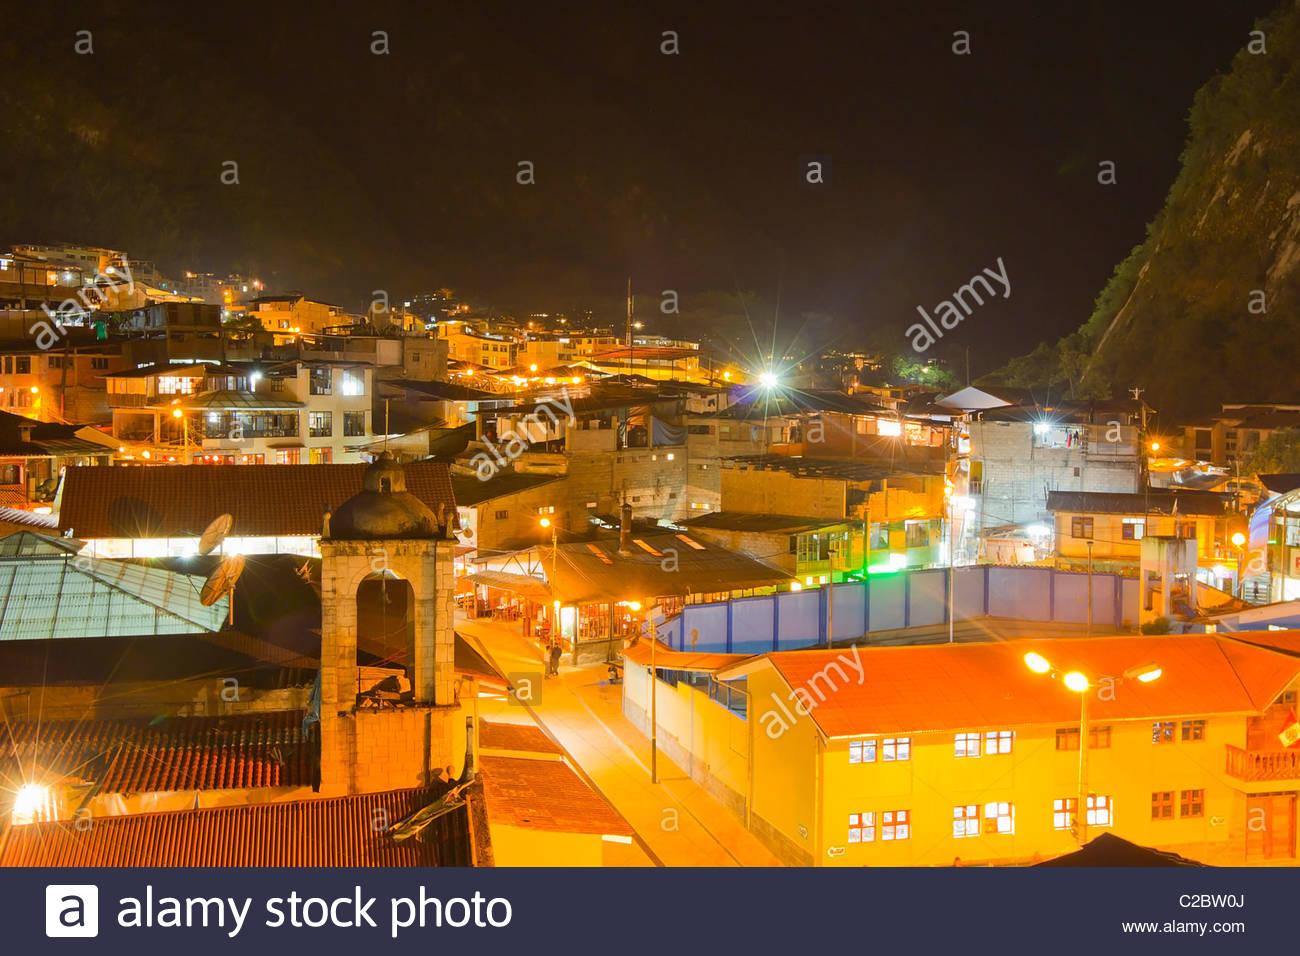 Nachtansicht von Aguas Calientes, einer Kleinstadt in der Nähe von Machu Picchu. Stockbild